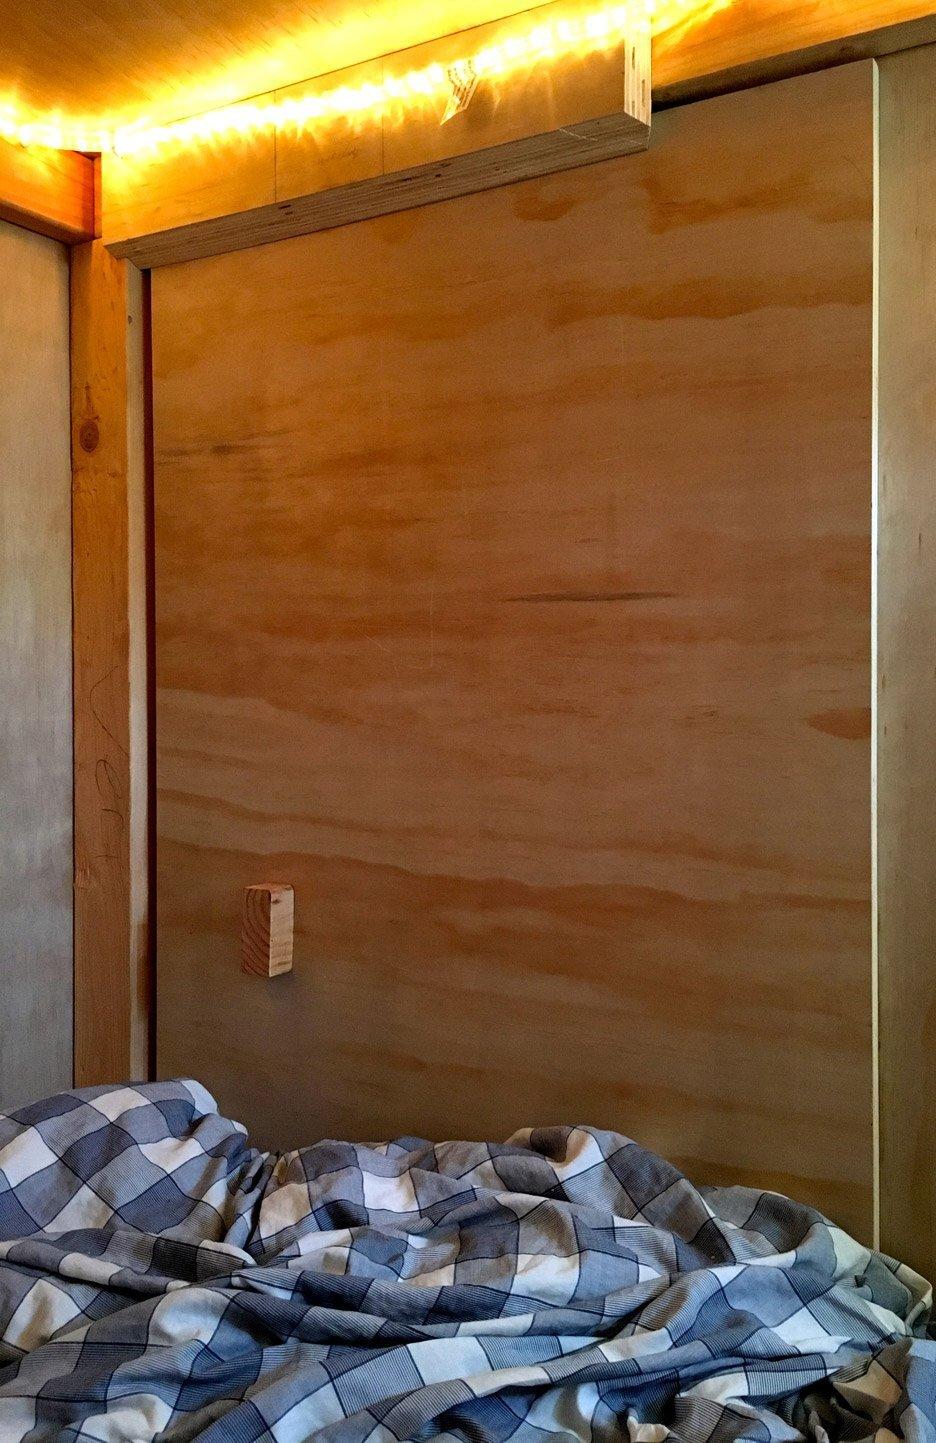 Living in a Pod - Peter Berkowitz - San Francisco - Door shut - Humble Homes